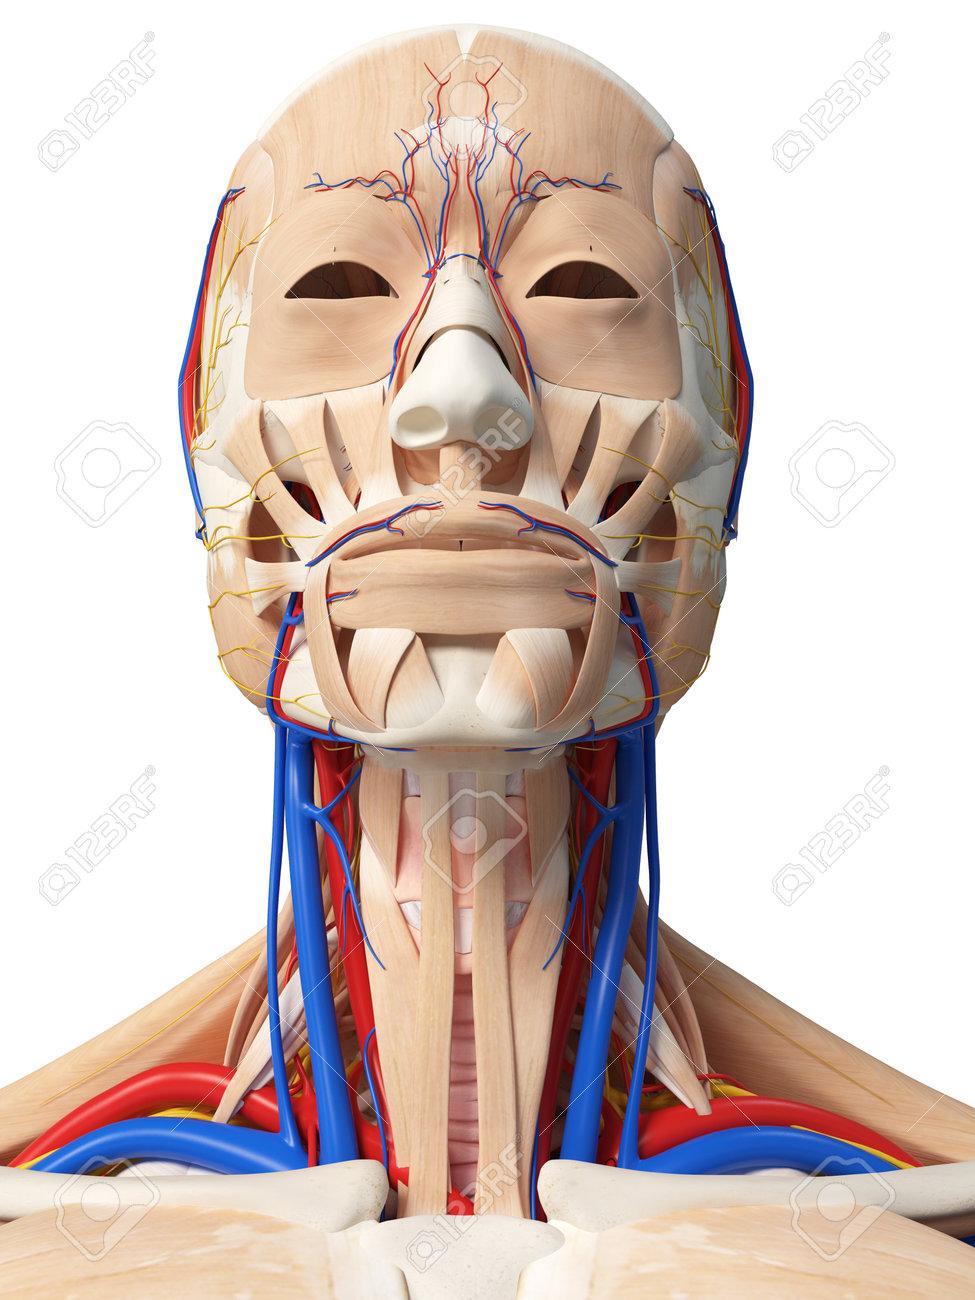 Ziemlich Face And Neck Anatomy Ideen - Menschliche Anatomie Bilder ...